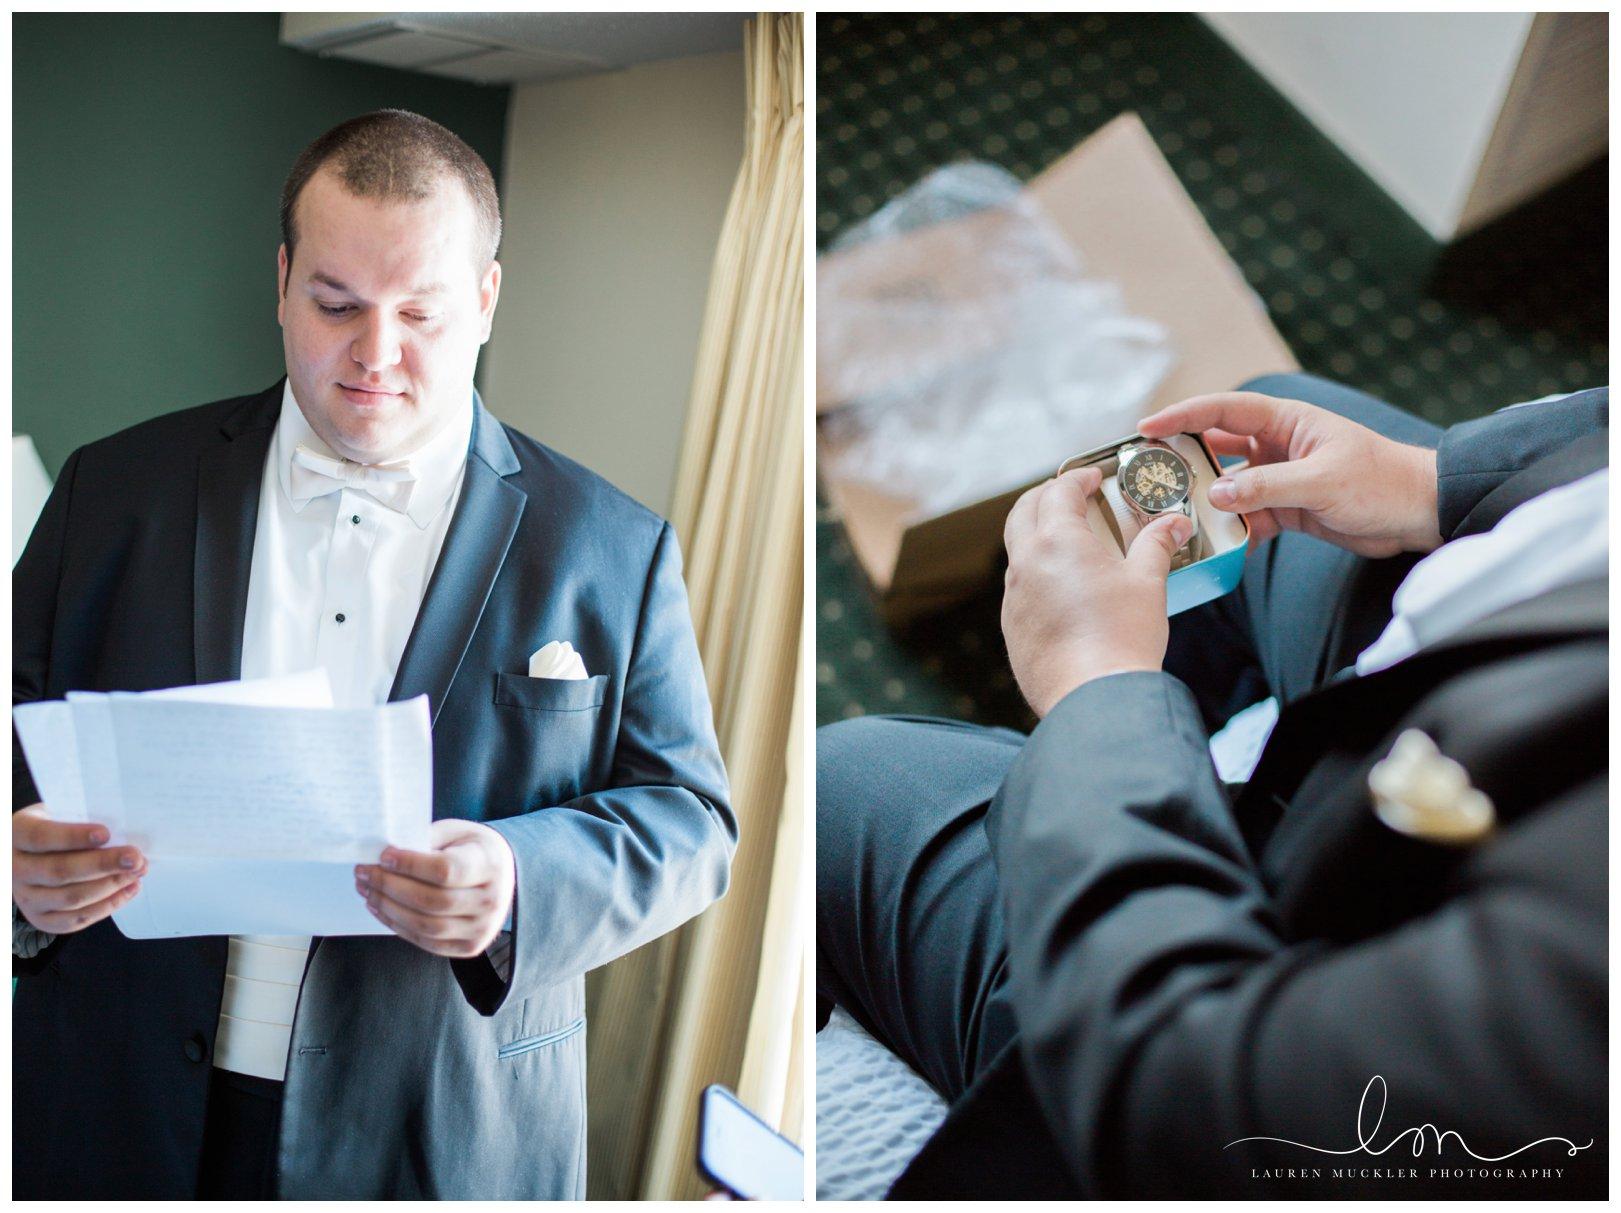 lauren muckler photography_fine art film wedding photography_st louis_photography_0616.jpg